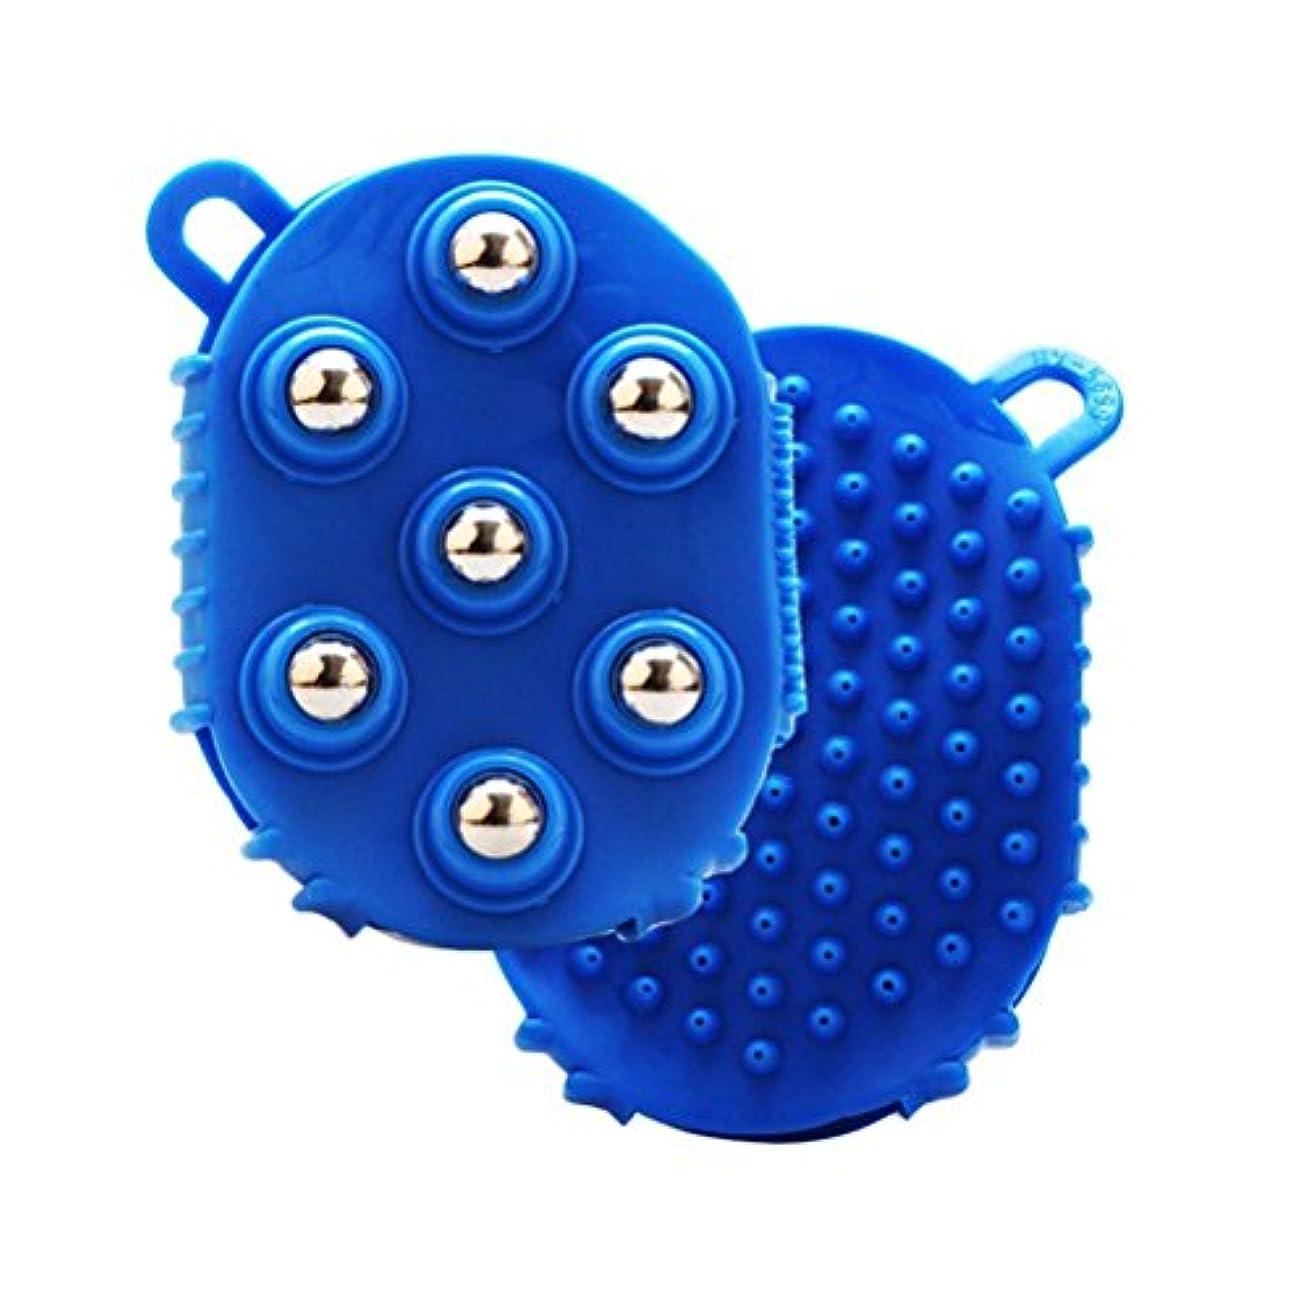 あたたかい改善するもつれULTNICE マッサージブラシ グローブバスブラシ 金属ローリングボール 痛みの筋肉の痛みを軽減する(青)